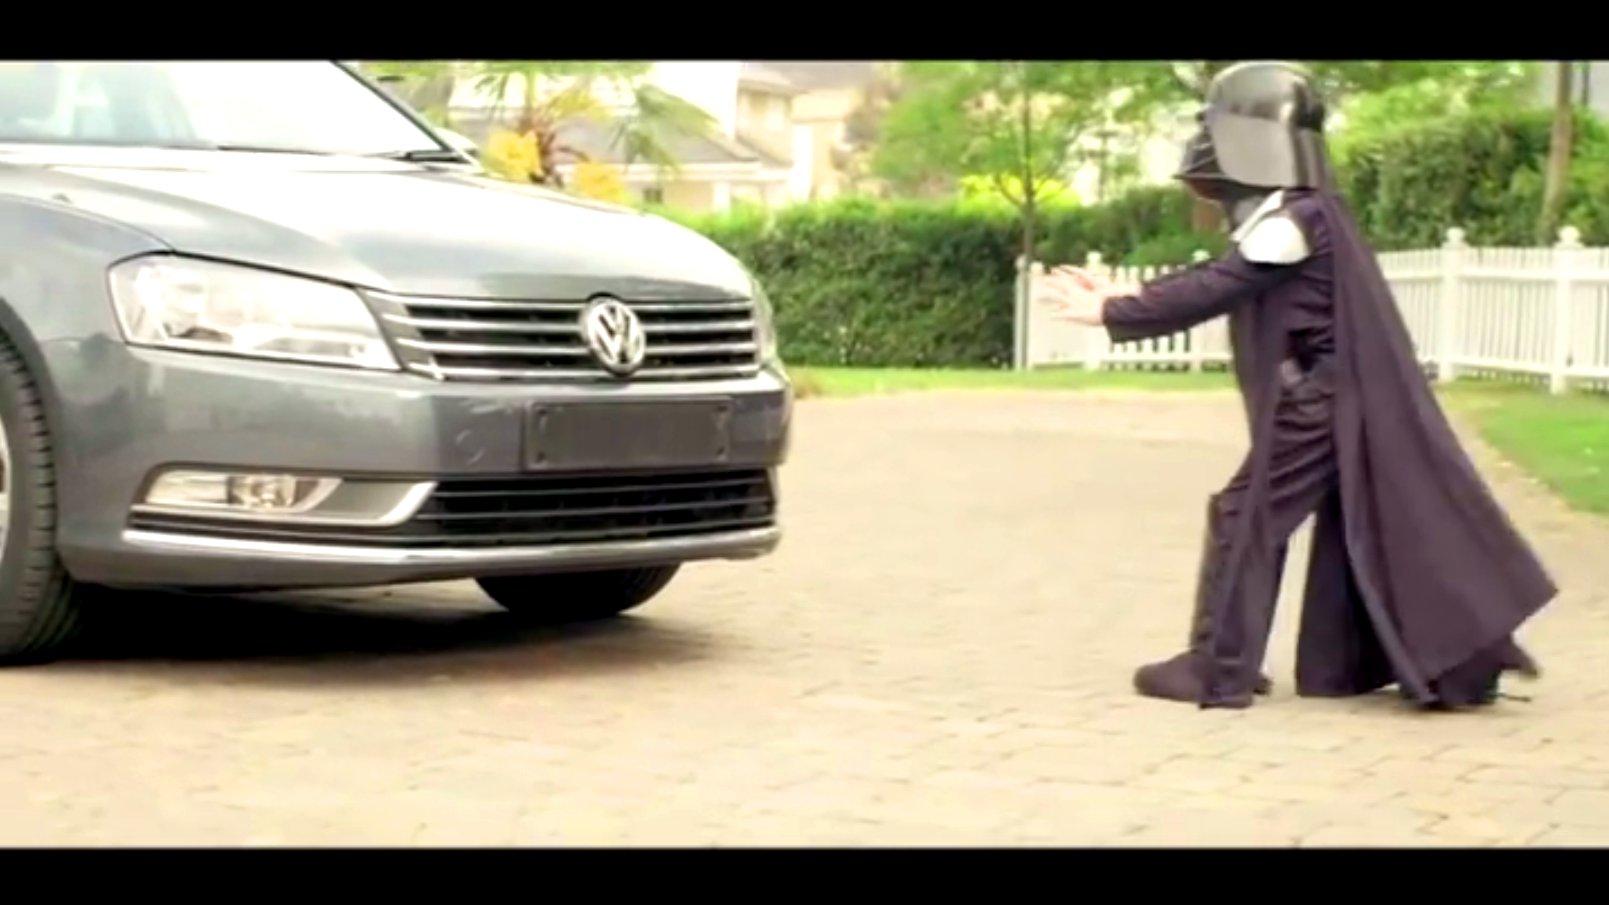 Darth Vader vs. Volkswagen, 2011.